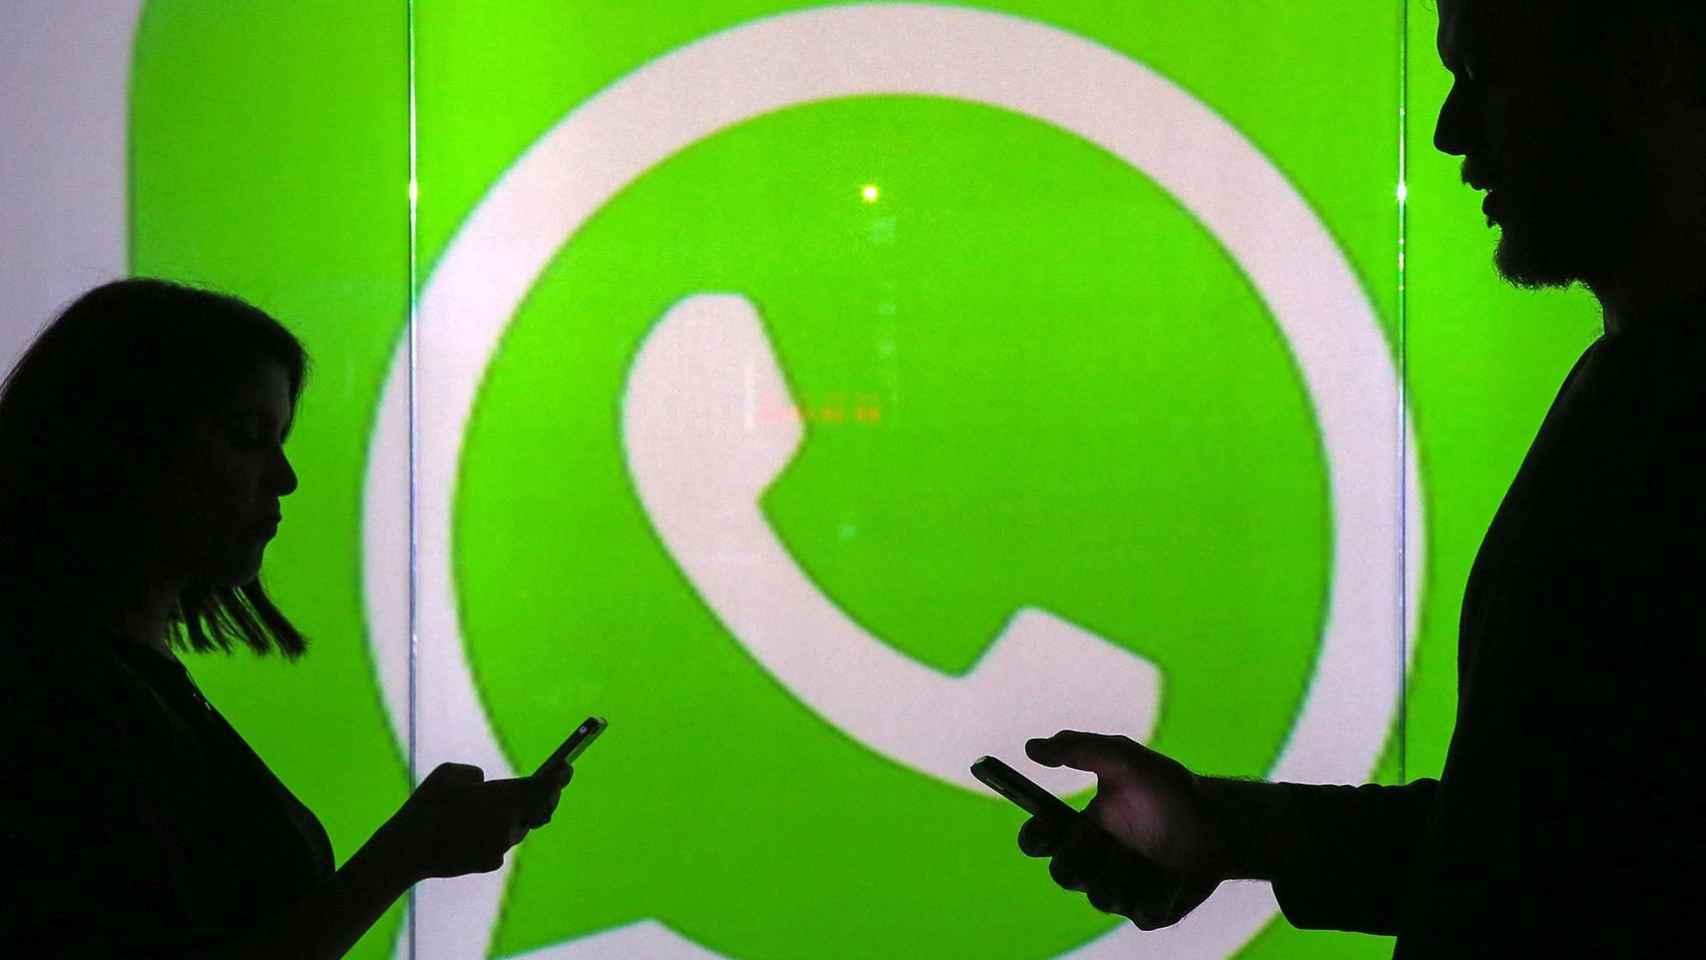 Dos personas intercambian mensajes por Whatsapp.